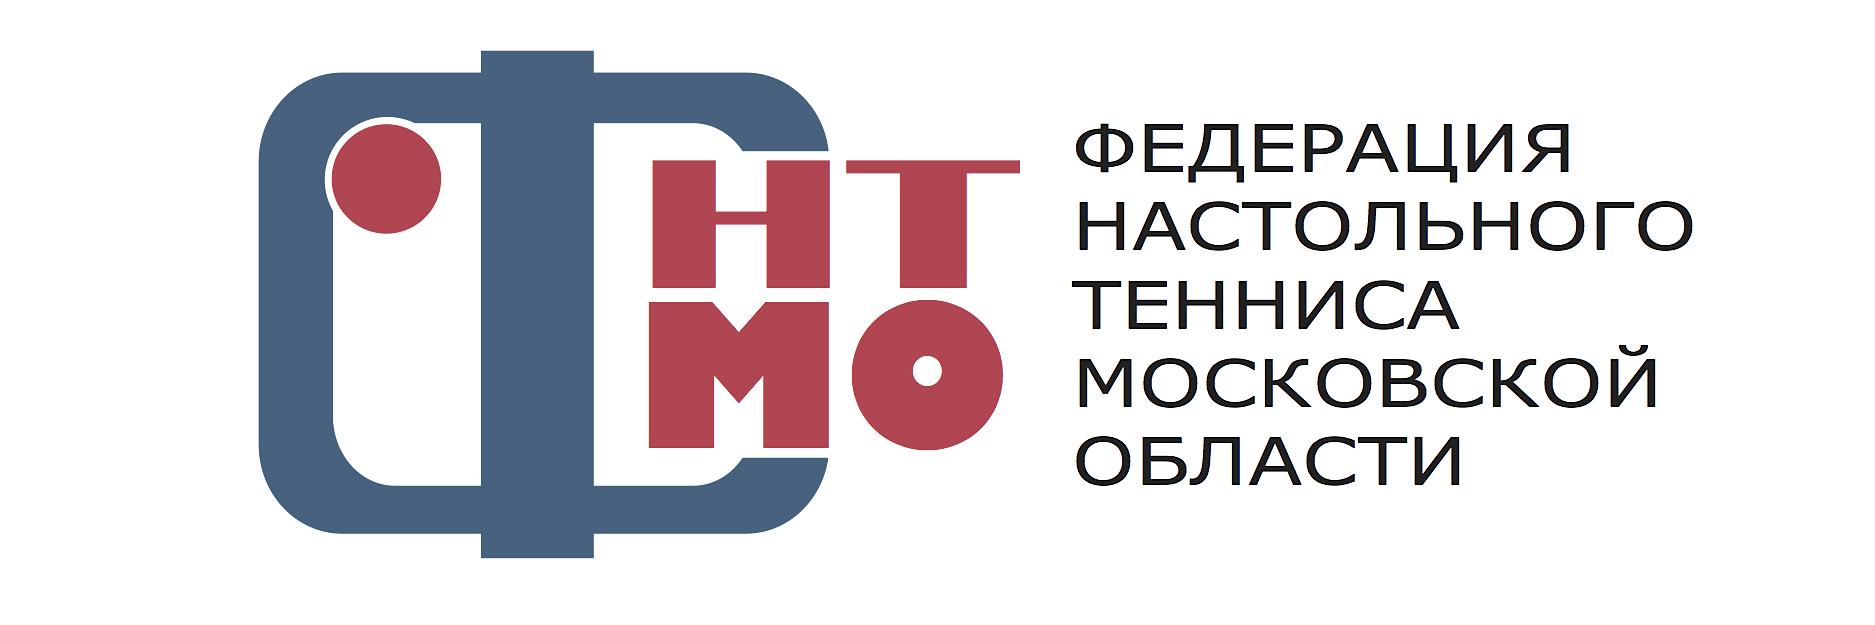 Командное Первенство Московской области @ МБУ «Конькобежный центр «Коломна».